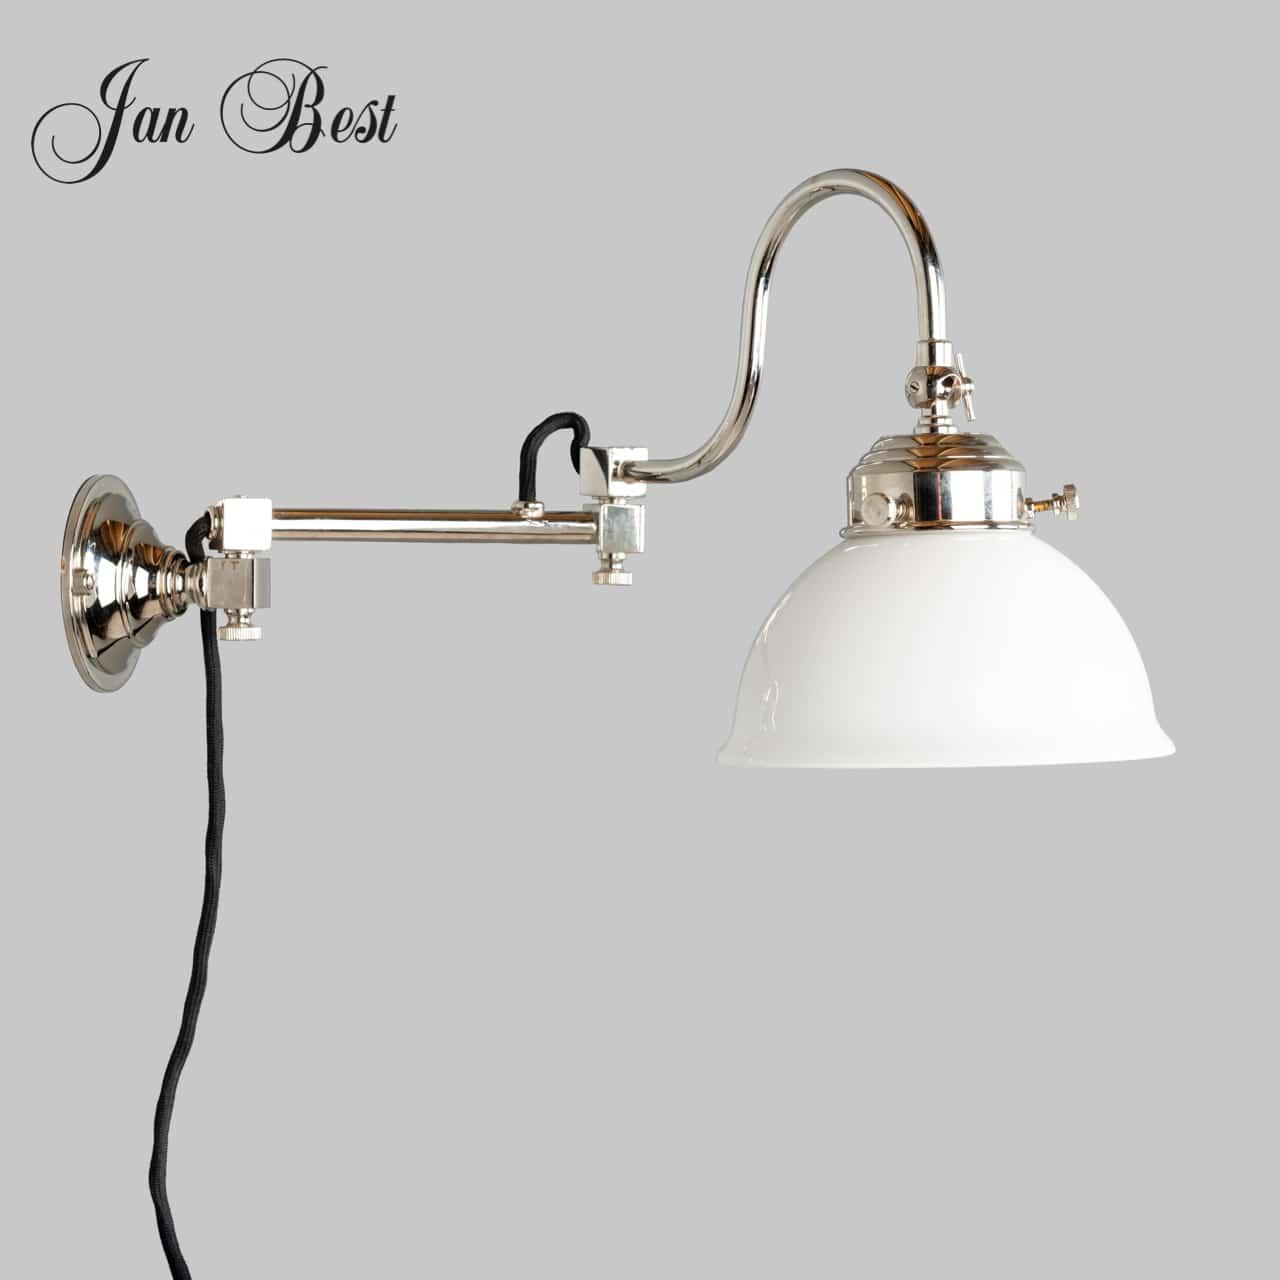 Jan-best-wandlamp-messing-klassieke-horeca-nostalgische-verlichting-bedlamp-slaapkamer-verlichting-aalsmeer